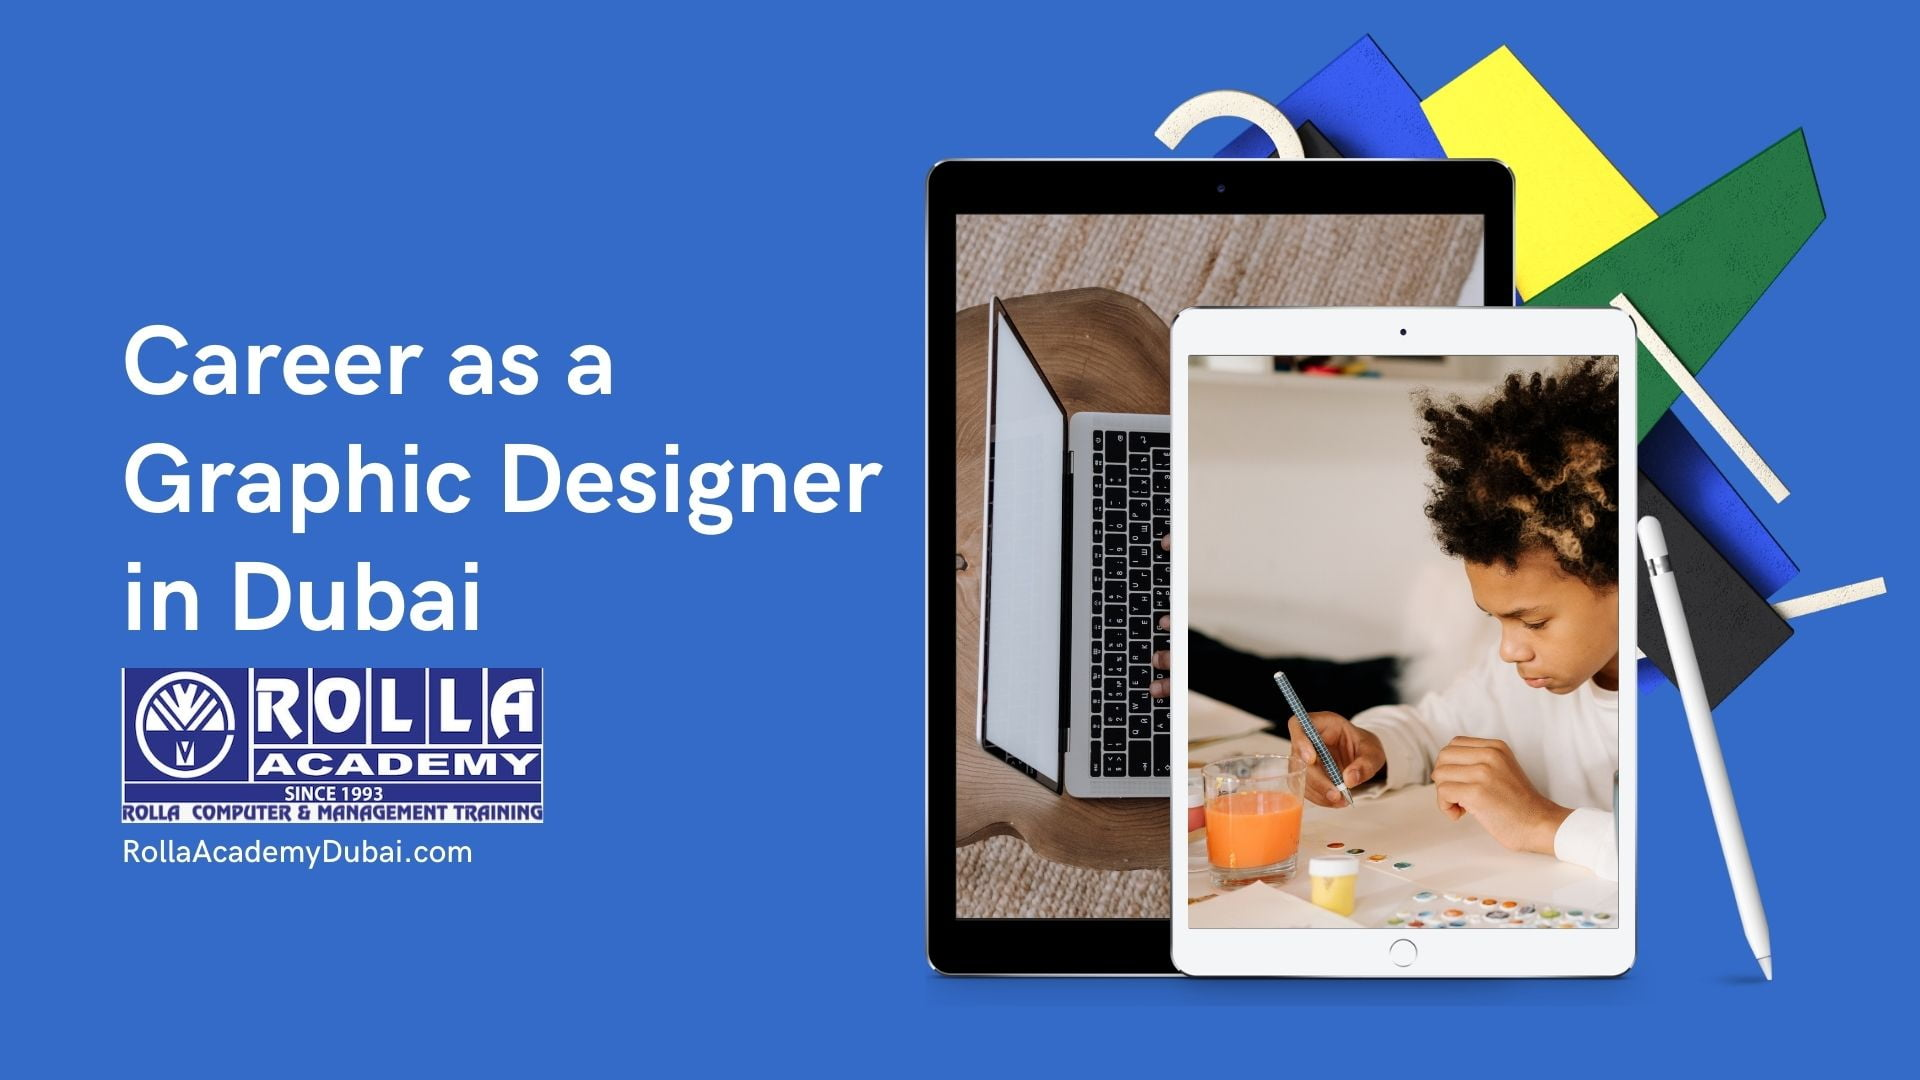 Career as a Graphic Designer in Dubai